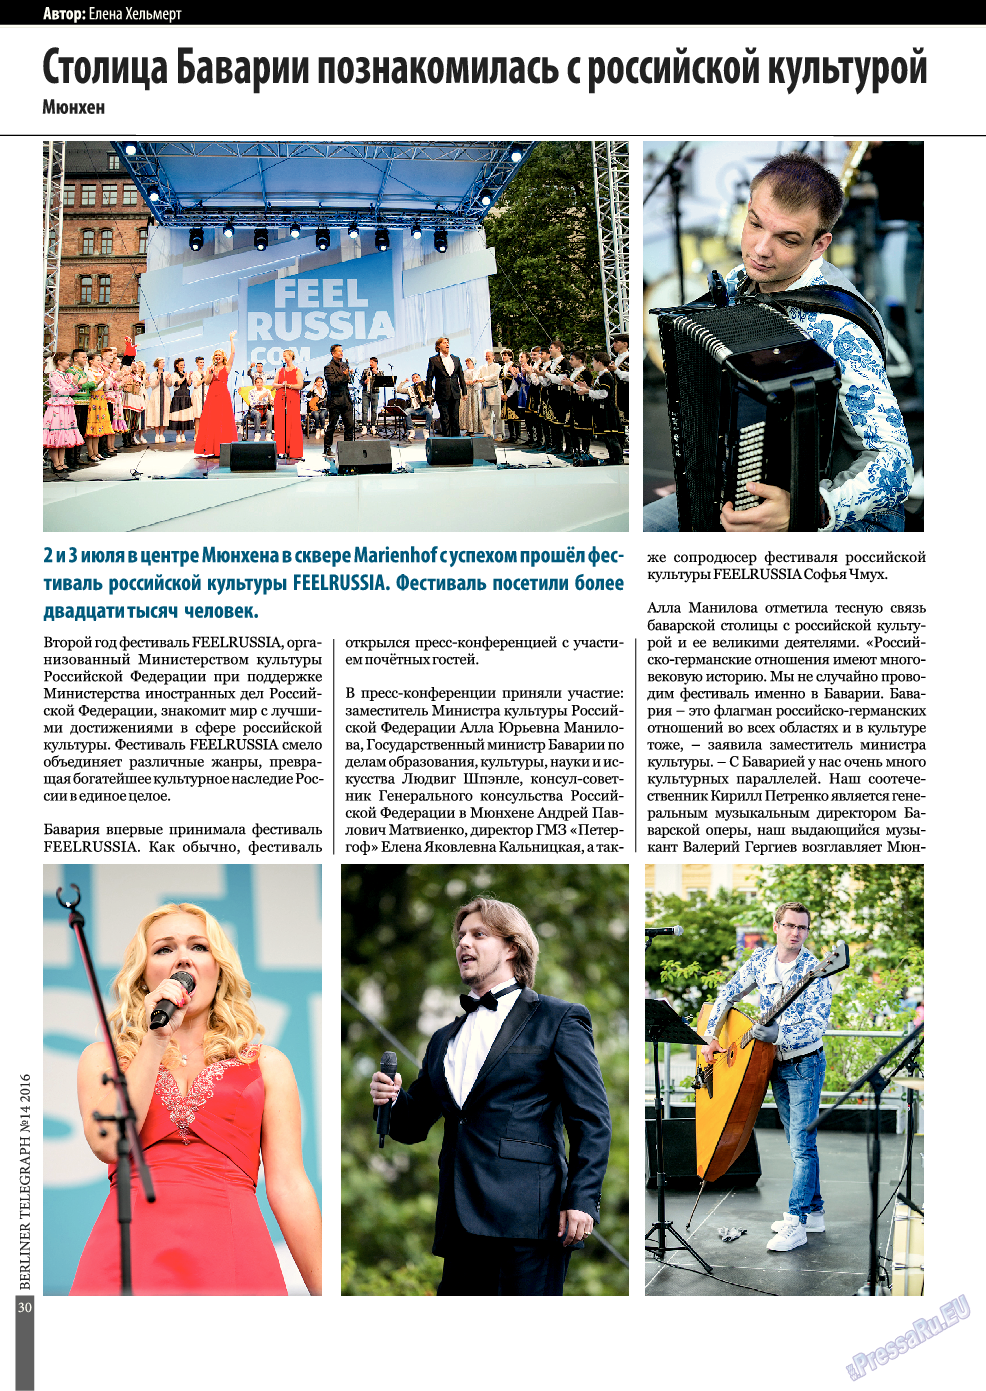 Берлинский телеграф (журнал). 2016 год, номер 14, стр. 30